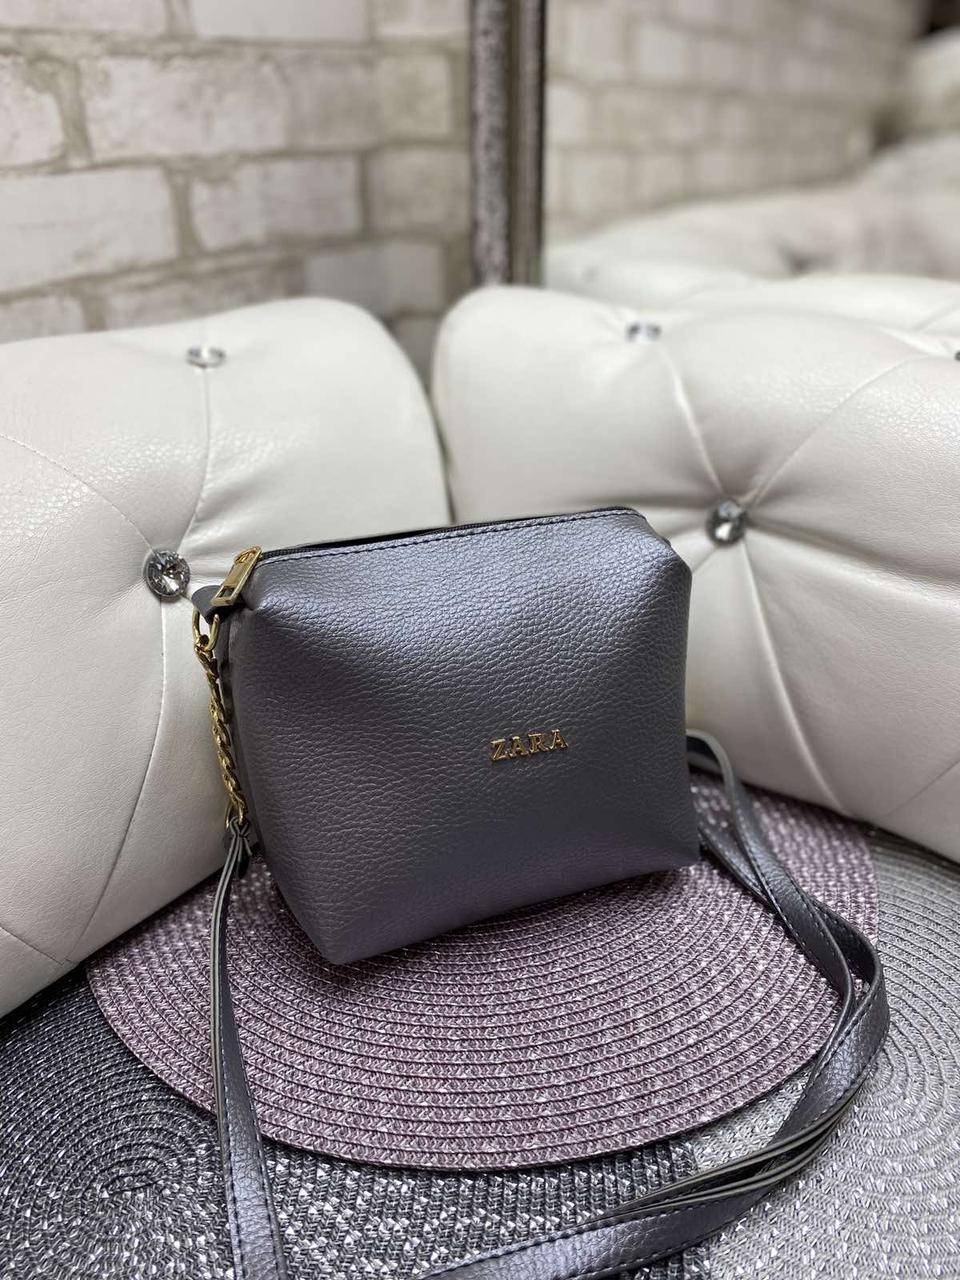 Женская сумка клатч маленькая сумочка через плечо кроссбоди молодежная графит кожзам